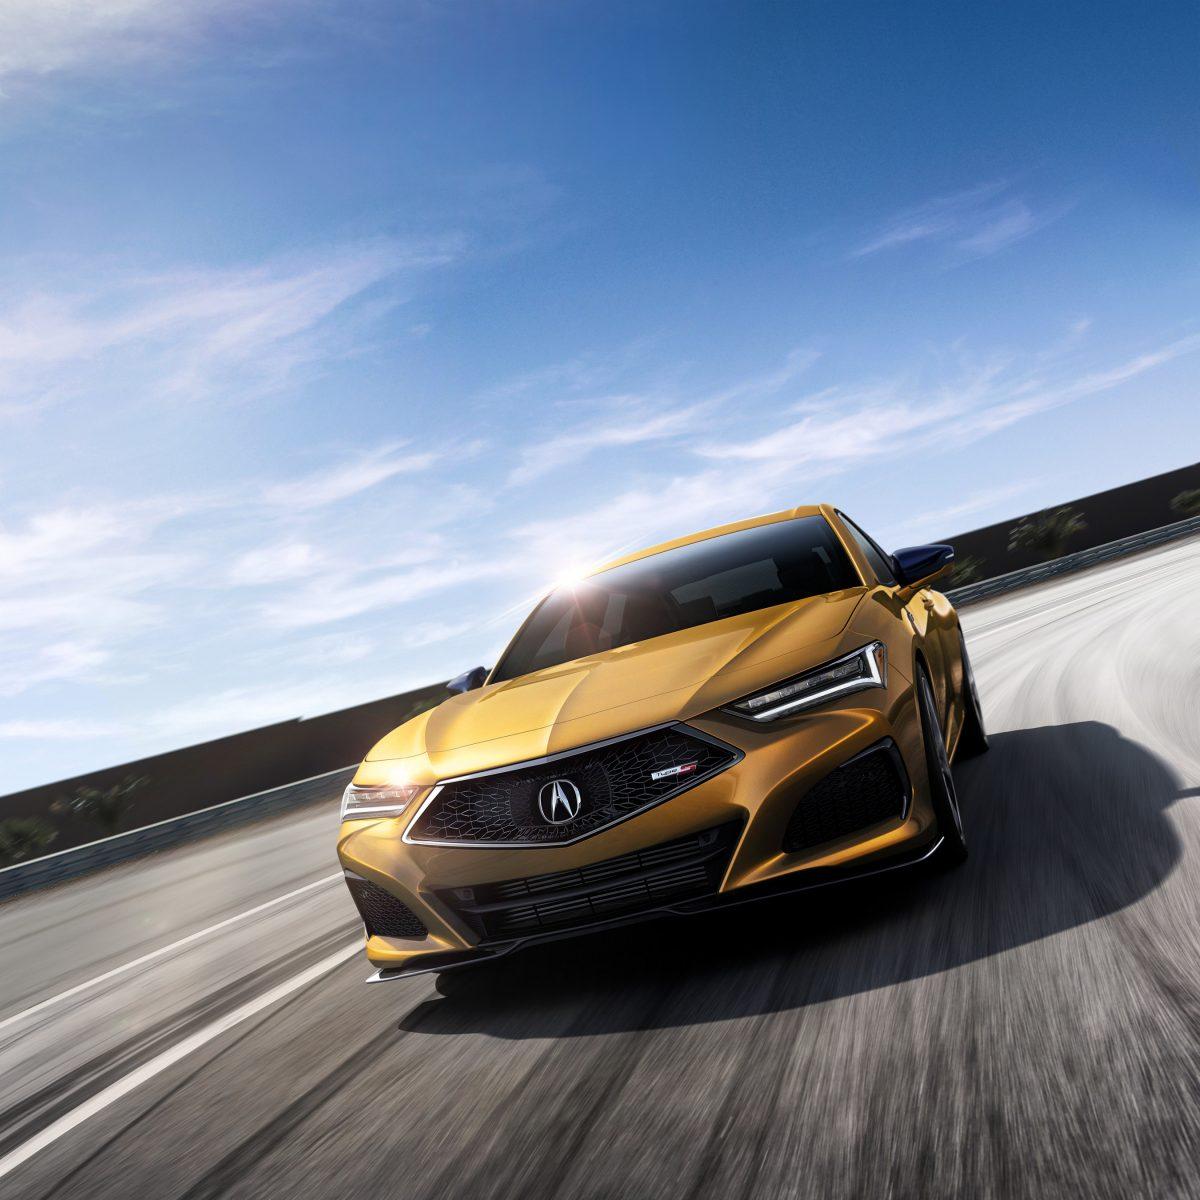 El completamente nuevo TLX 2021 eleva el rendimiento del sedán Acura con potencia turbo, plataforma exclusiva y estilo expresivo